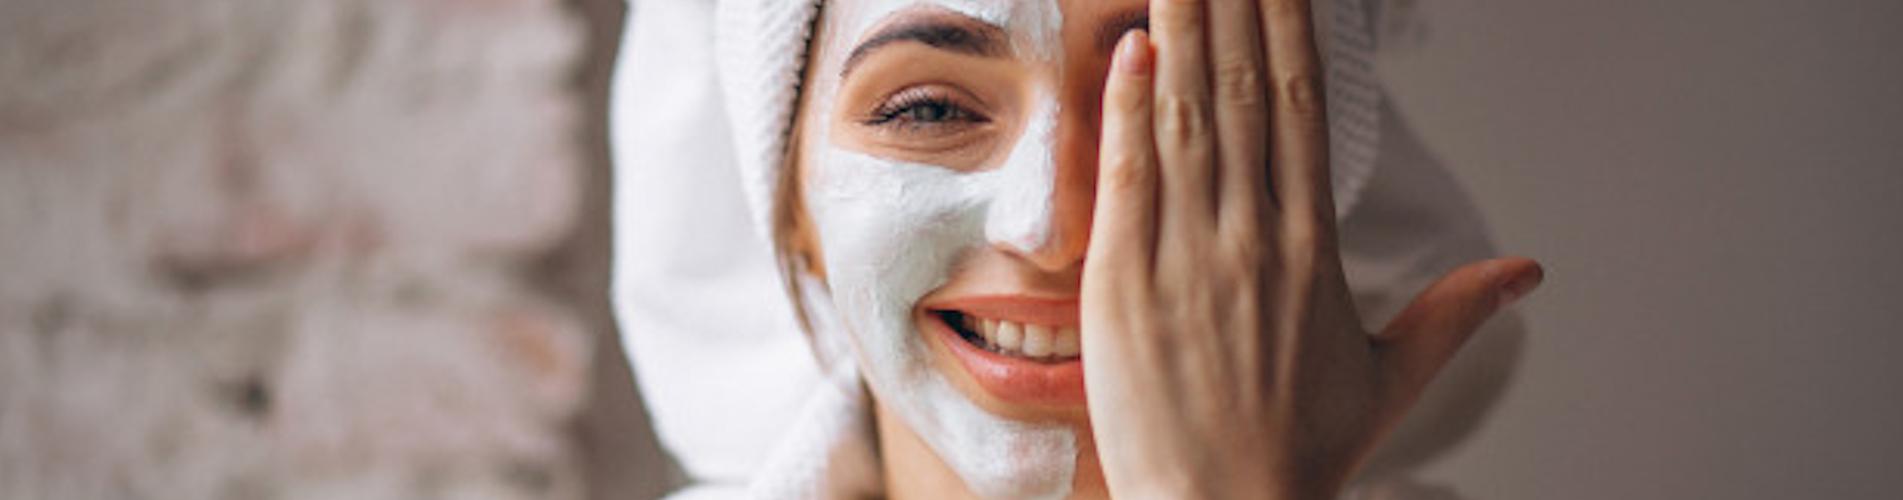 Image illustrant une femme prenant soin de son visage